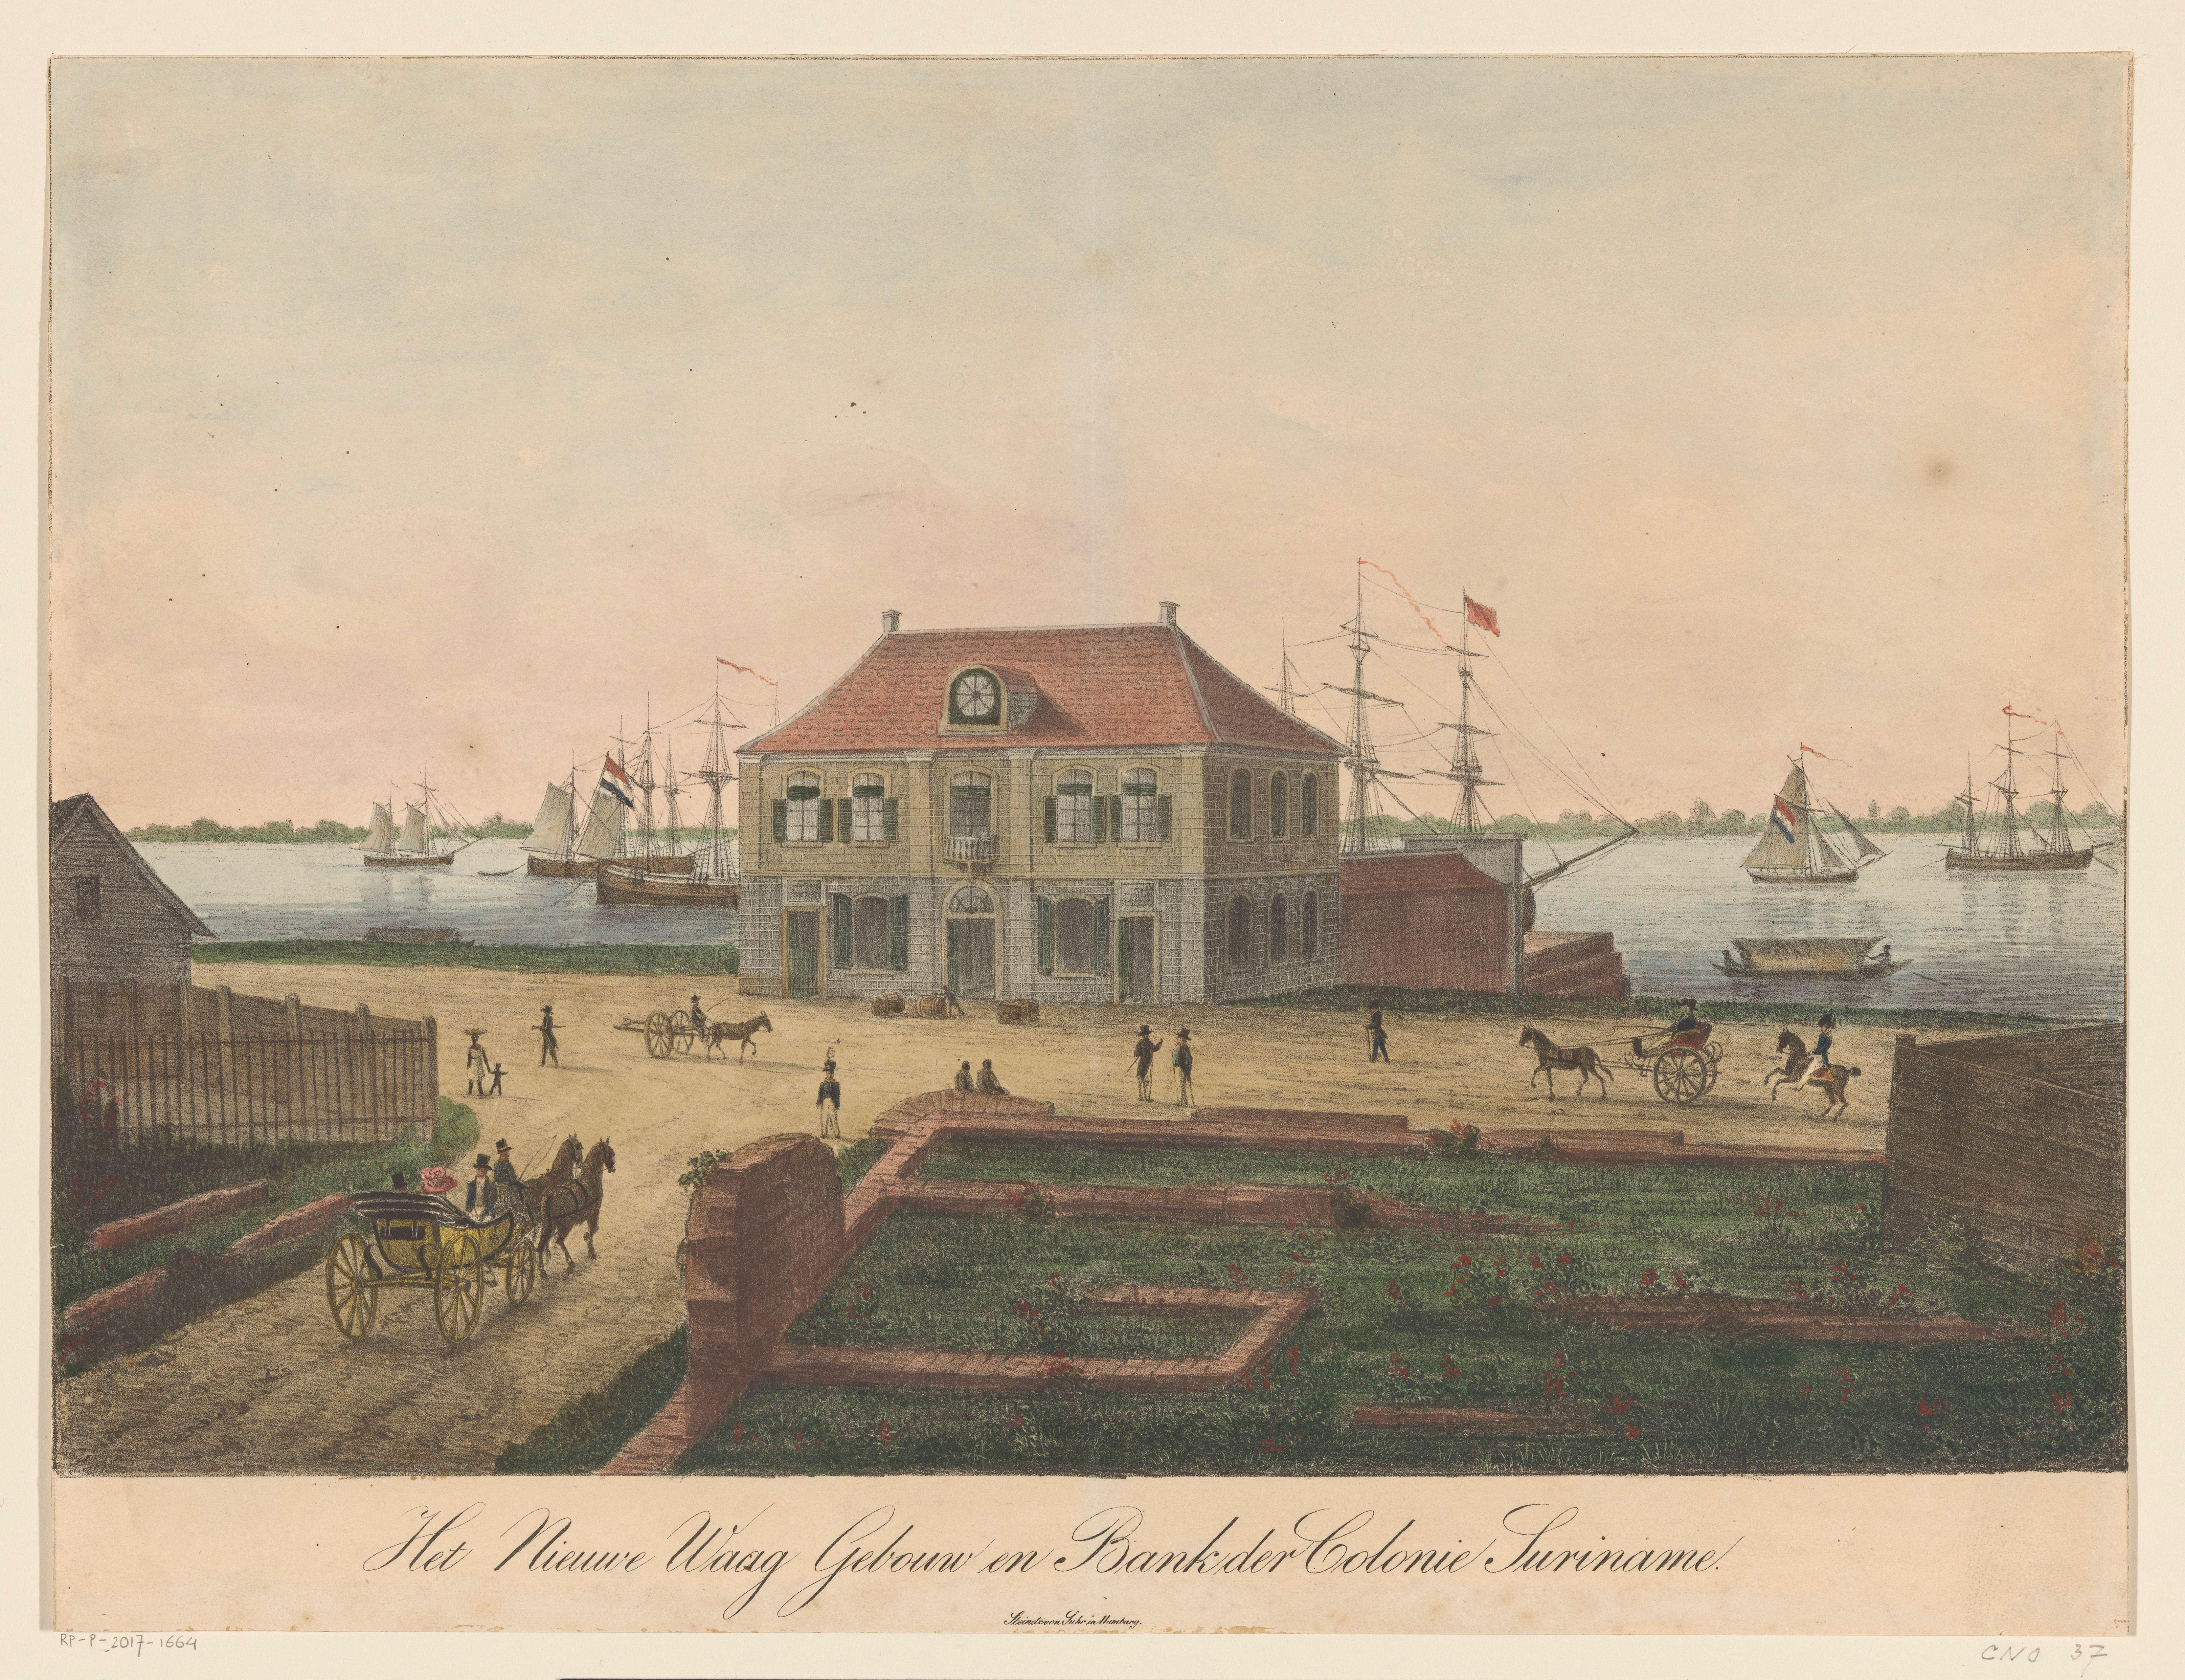 Nieuwe Waag Paramaribo collectie Rijksmuseum